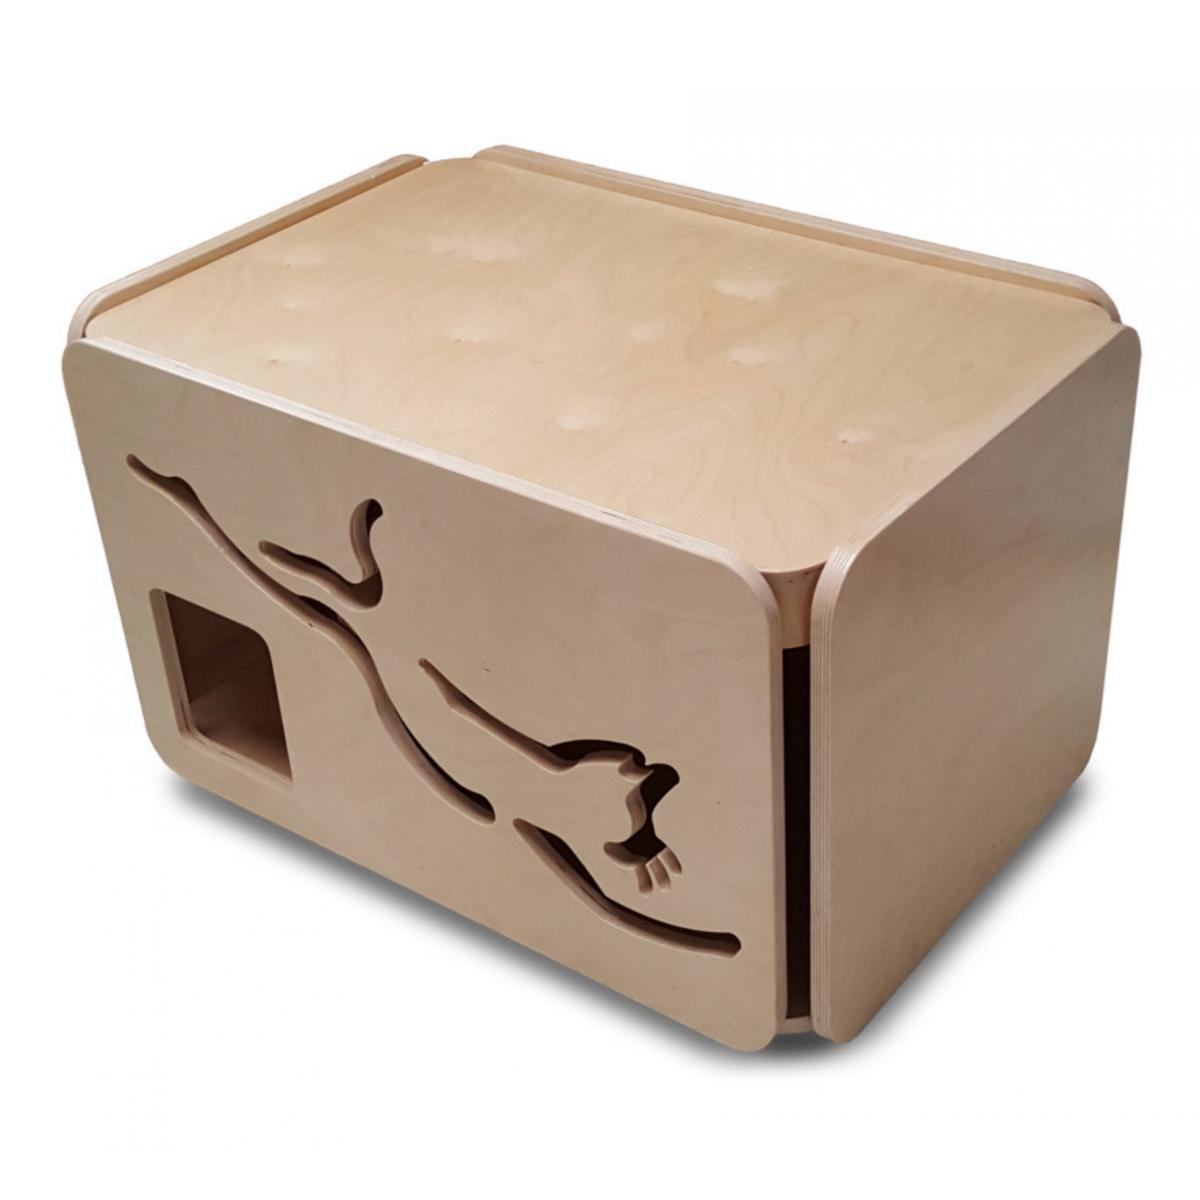 Artisan Made Baltic Birch Cat Litter Box Standard Size